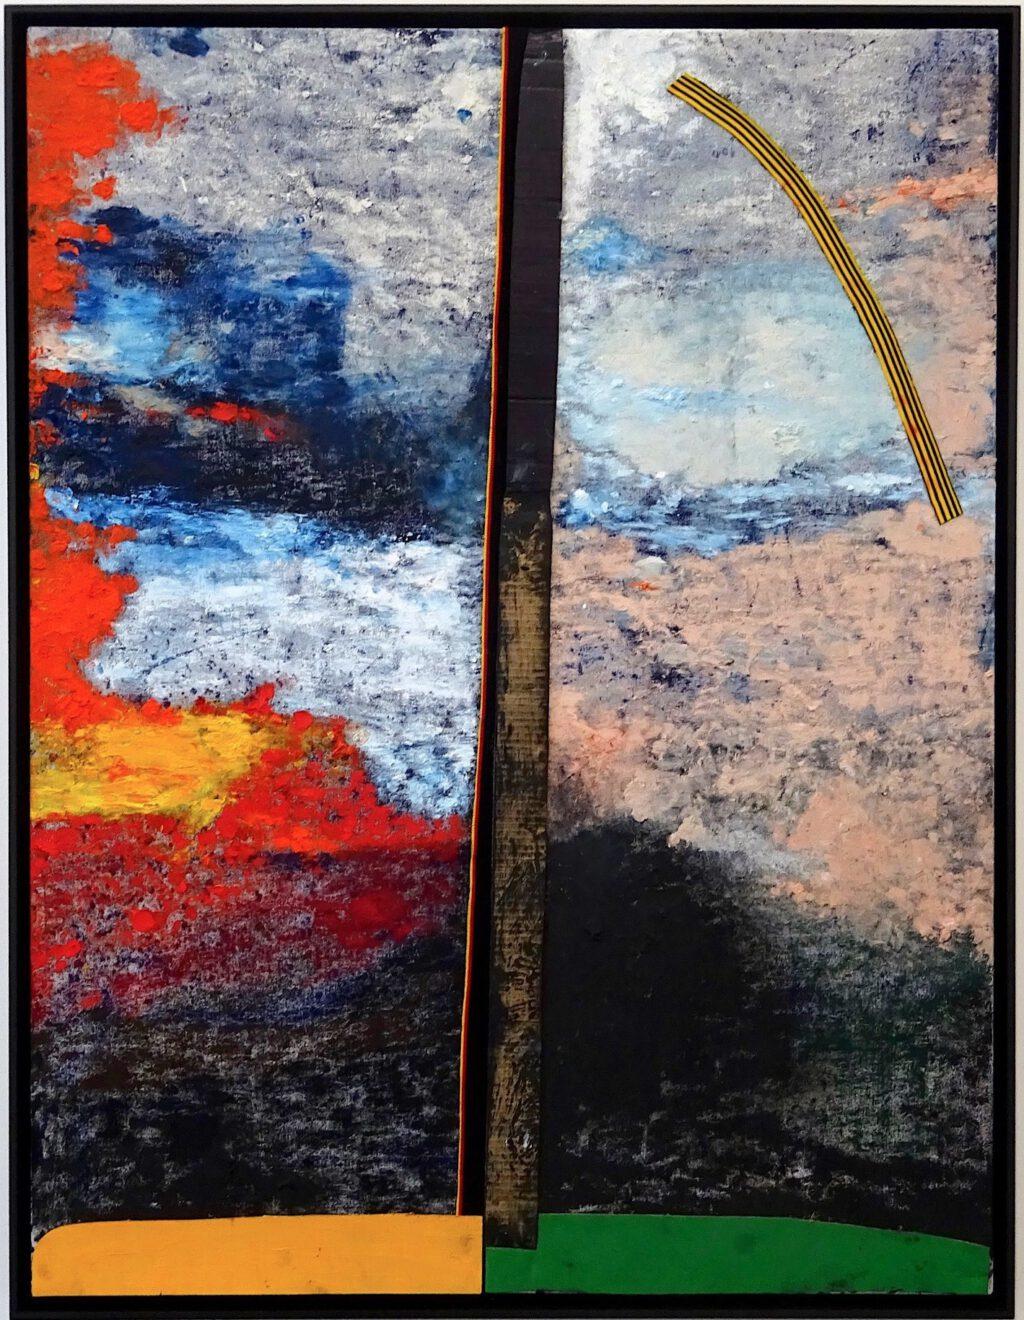 """桶田コレクション展 Sterling Ruby スターリング・ルビー """"VERT.PROUN (6606)."""" 2018, Acrylic, oil, elastic and cardboard on canvas, 149.9 x 115.6 x 8.3 cm"""